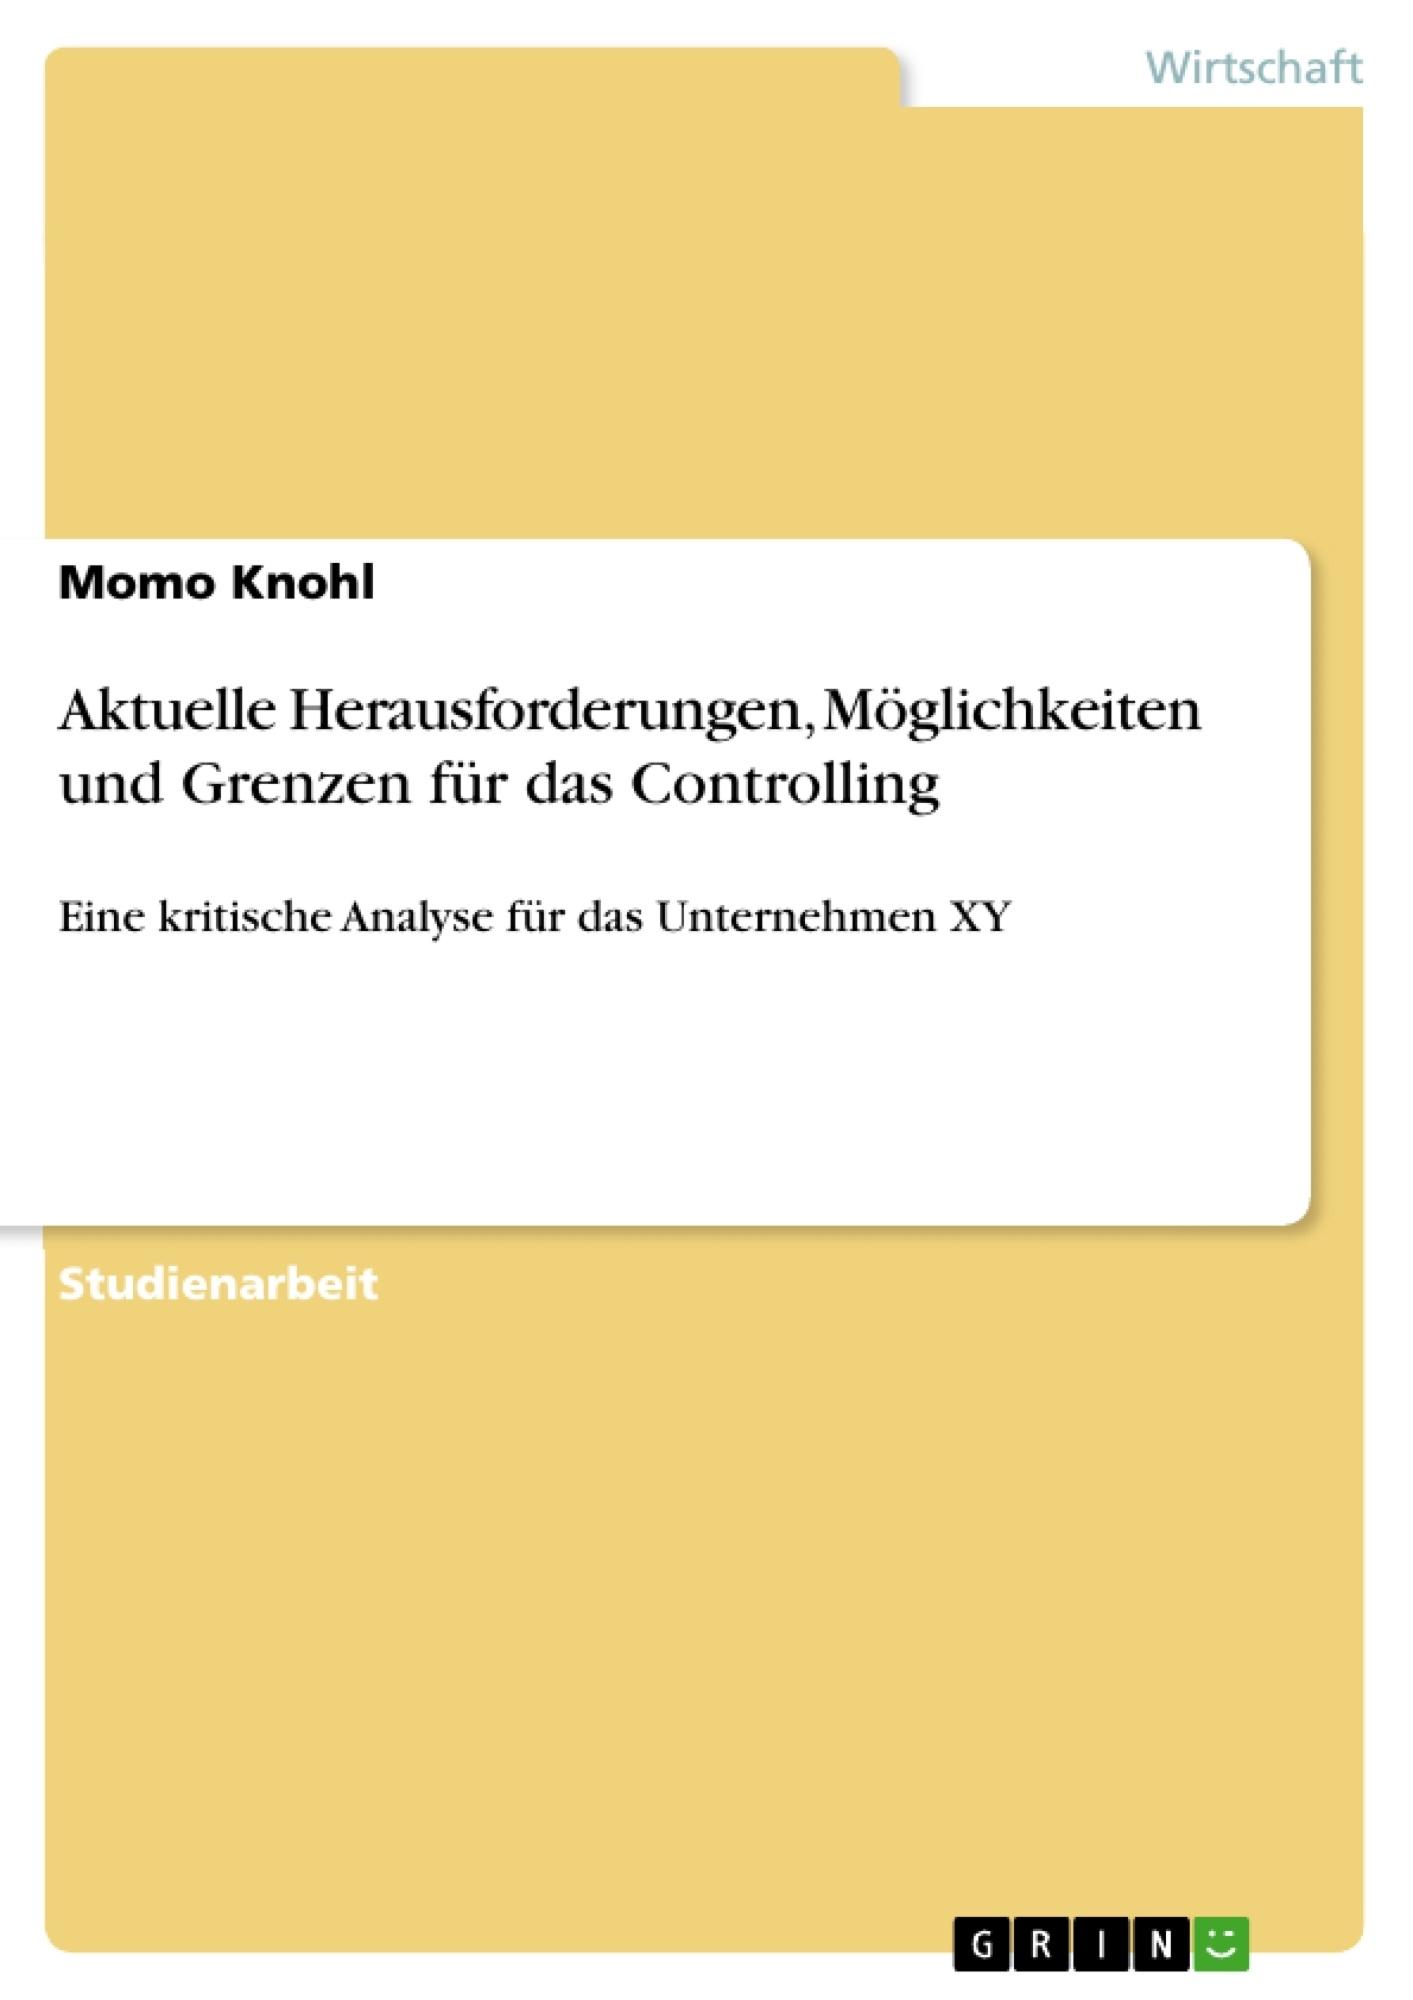 Titel: Aktuelle Herausforderungen, Möglichkeiten und Grenzen für das Controlling